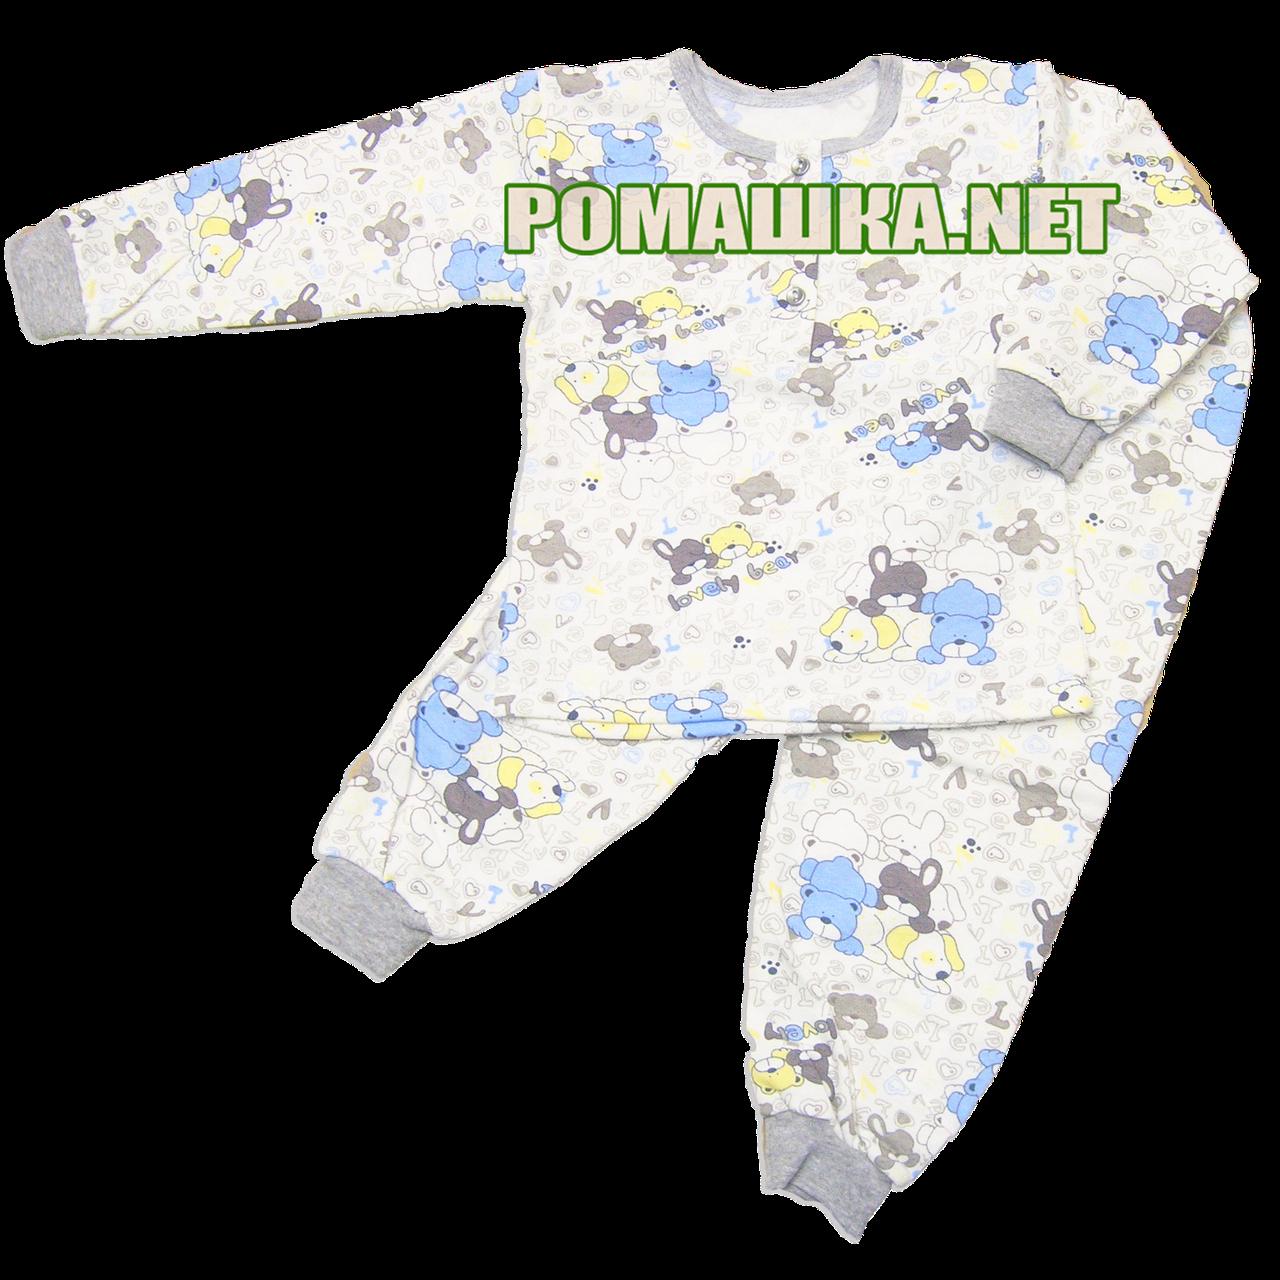 00a5c6b09ee1d Детская байковая пижама для мальчика с начесом р. 116-122 ткань ФУТЕР 100%